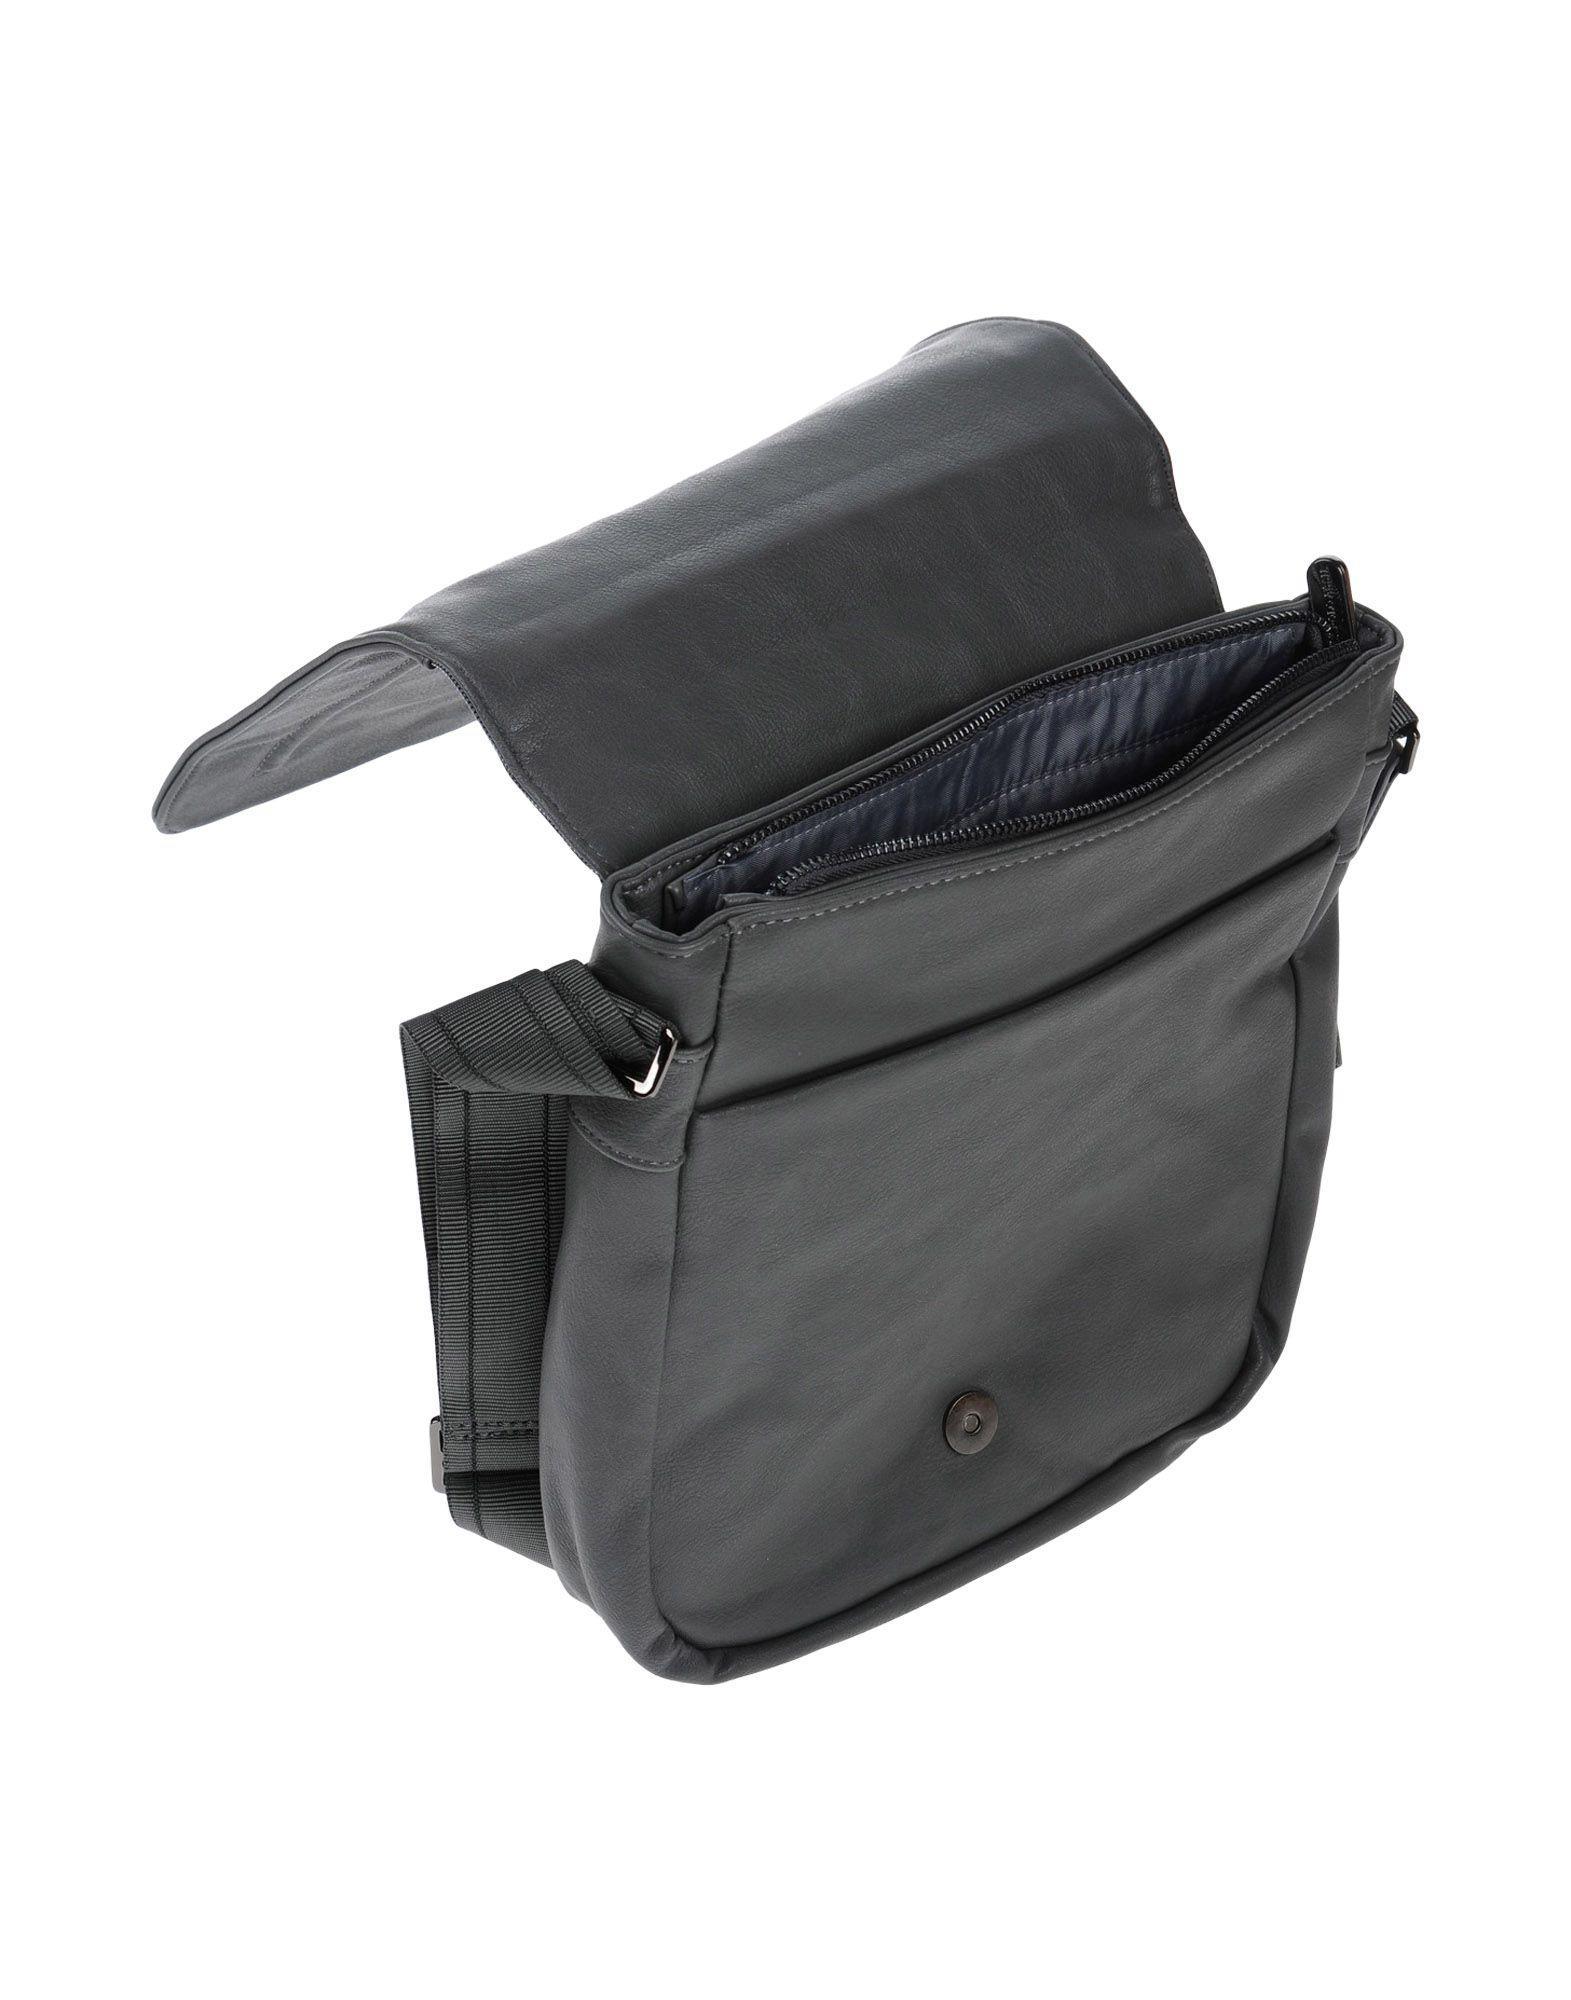 U.S. POLO ASSN. Cross-body Bag in Lead (Grey)